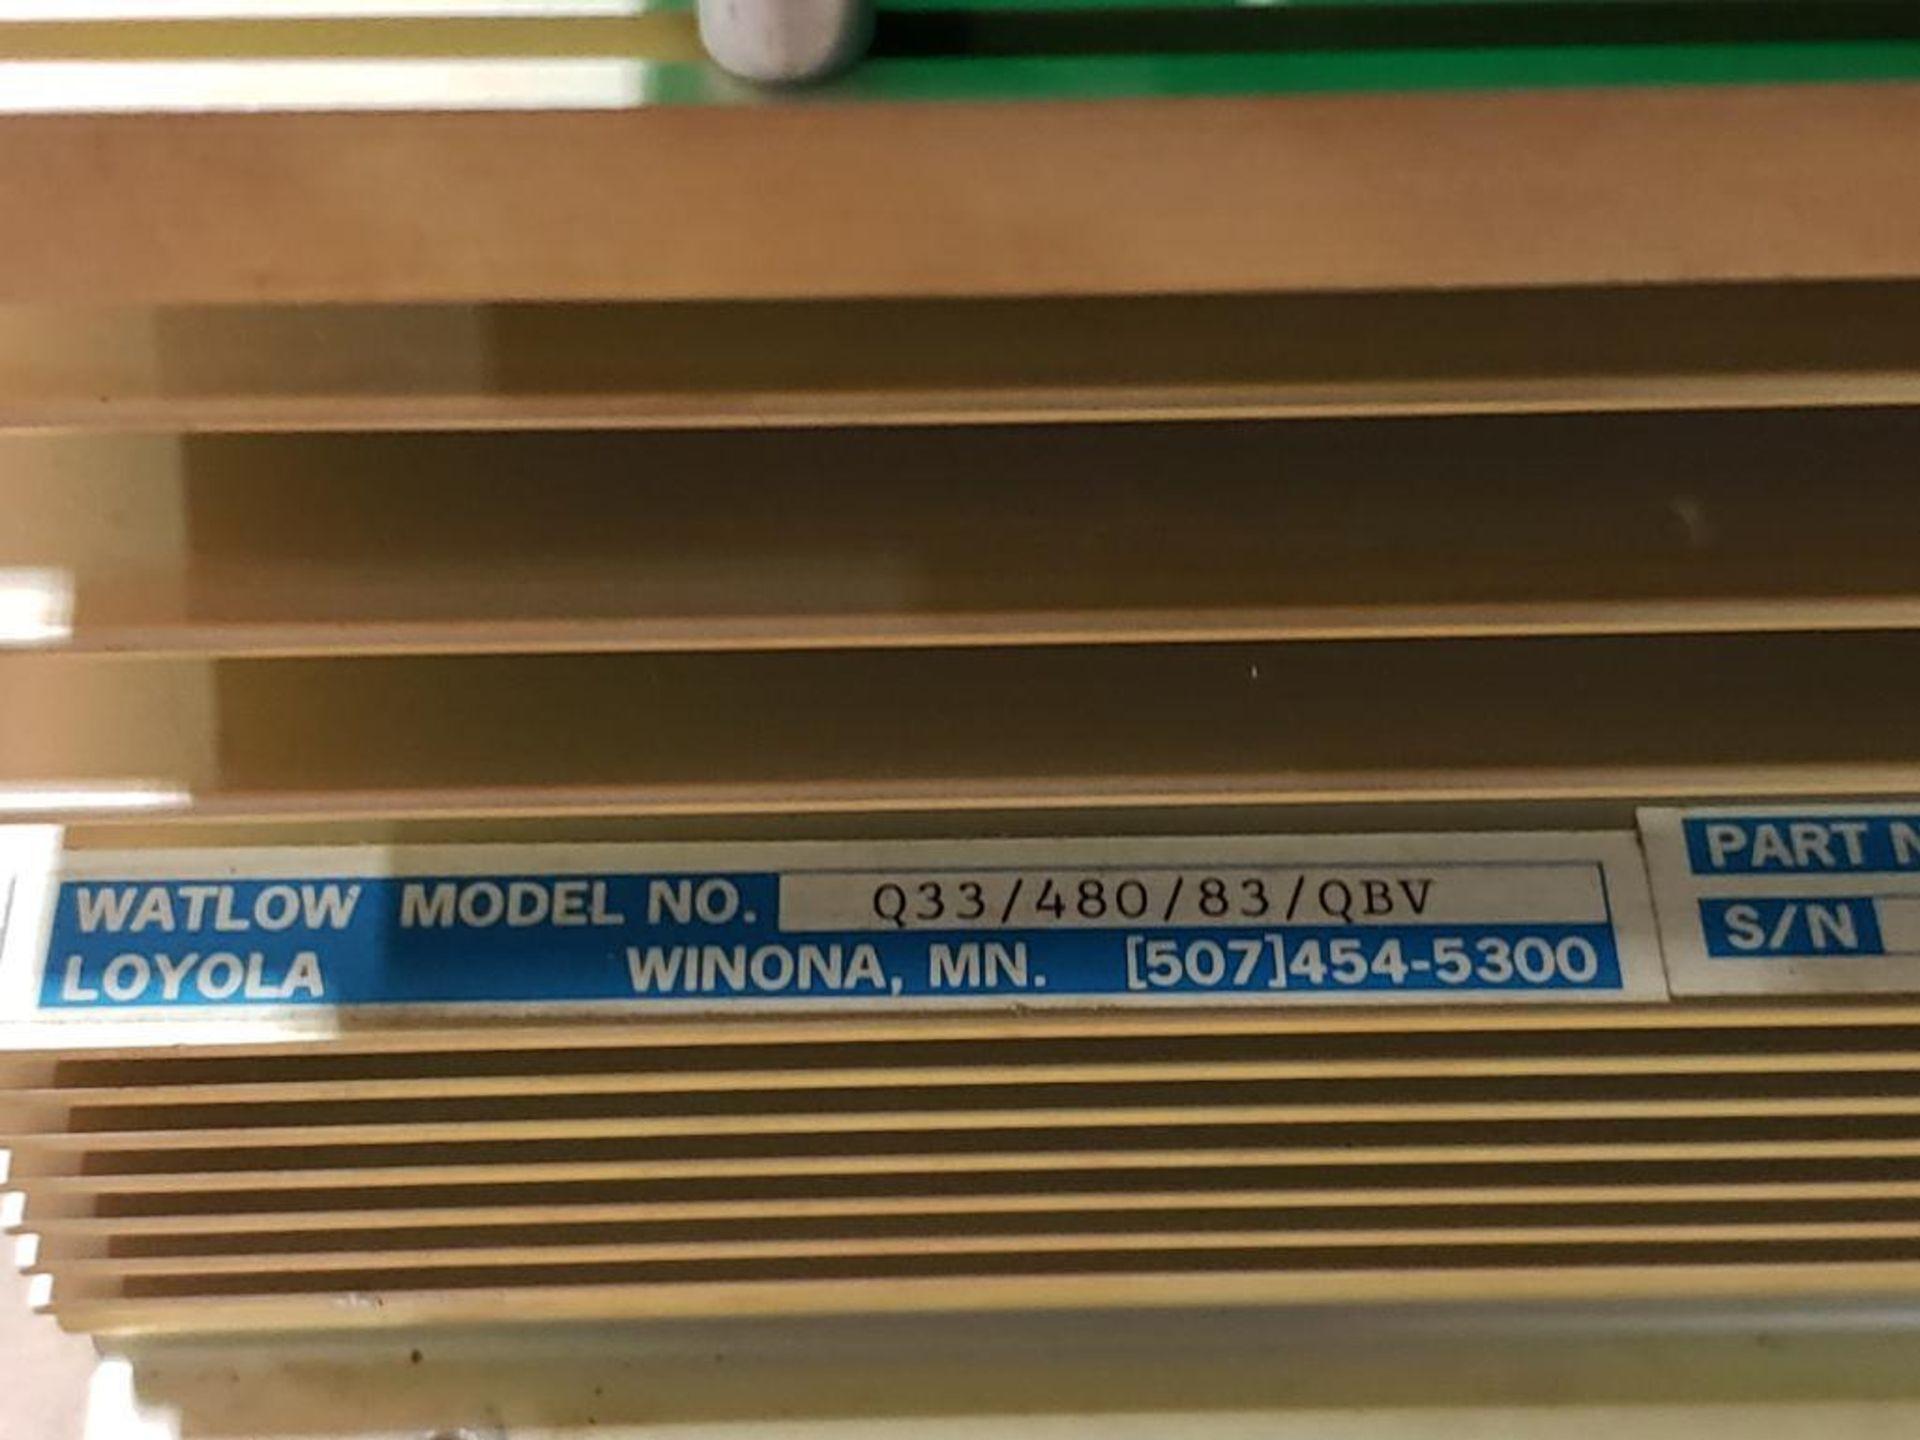 Watlow Q33/480/83/QBV 01-7353 480V power supply module. - Image 4 of 14